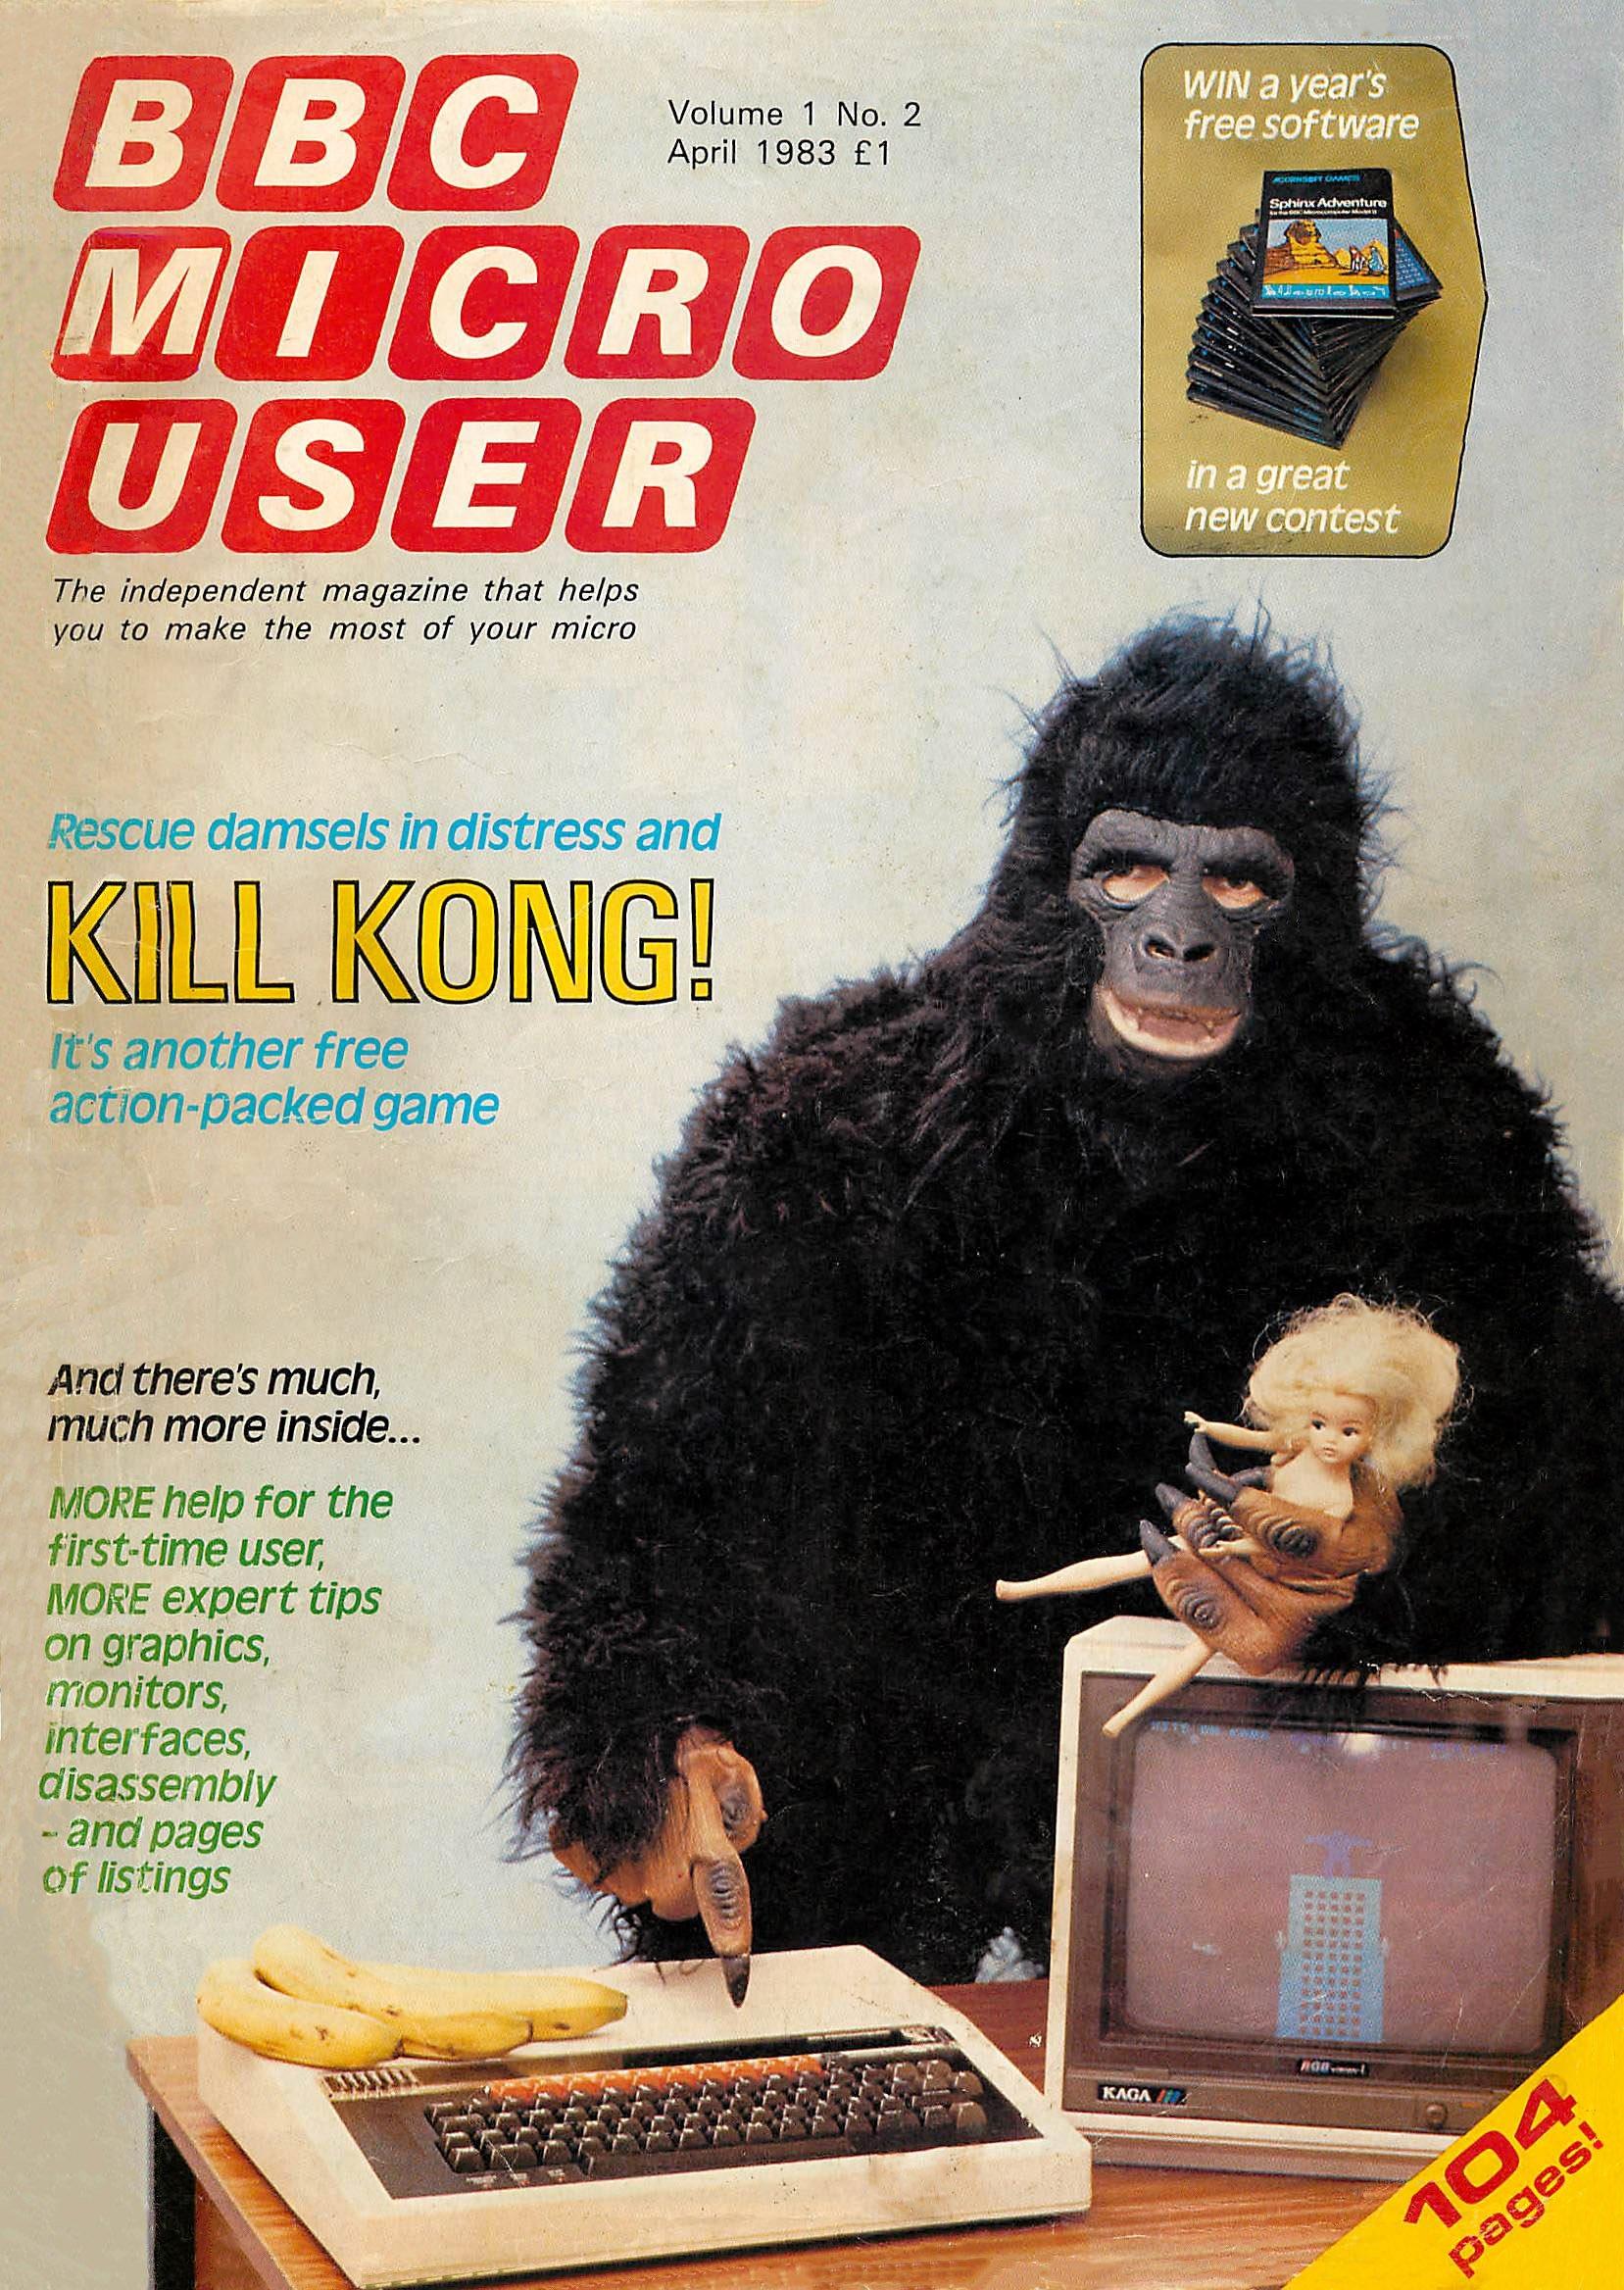 BBC Micro User Vol.01 No.02 (April 1983)